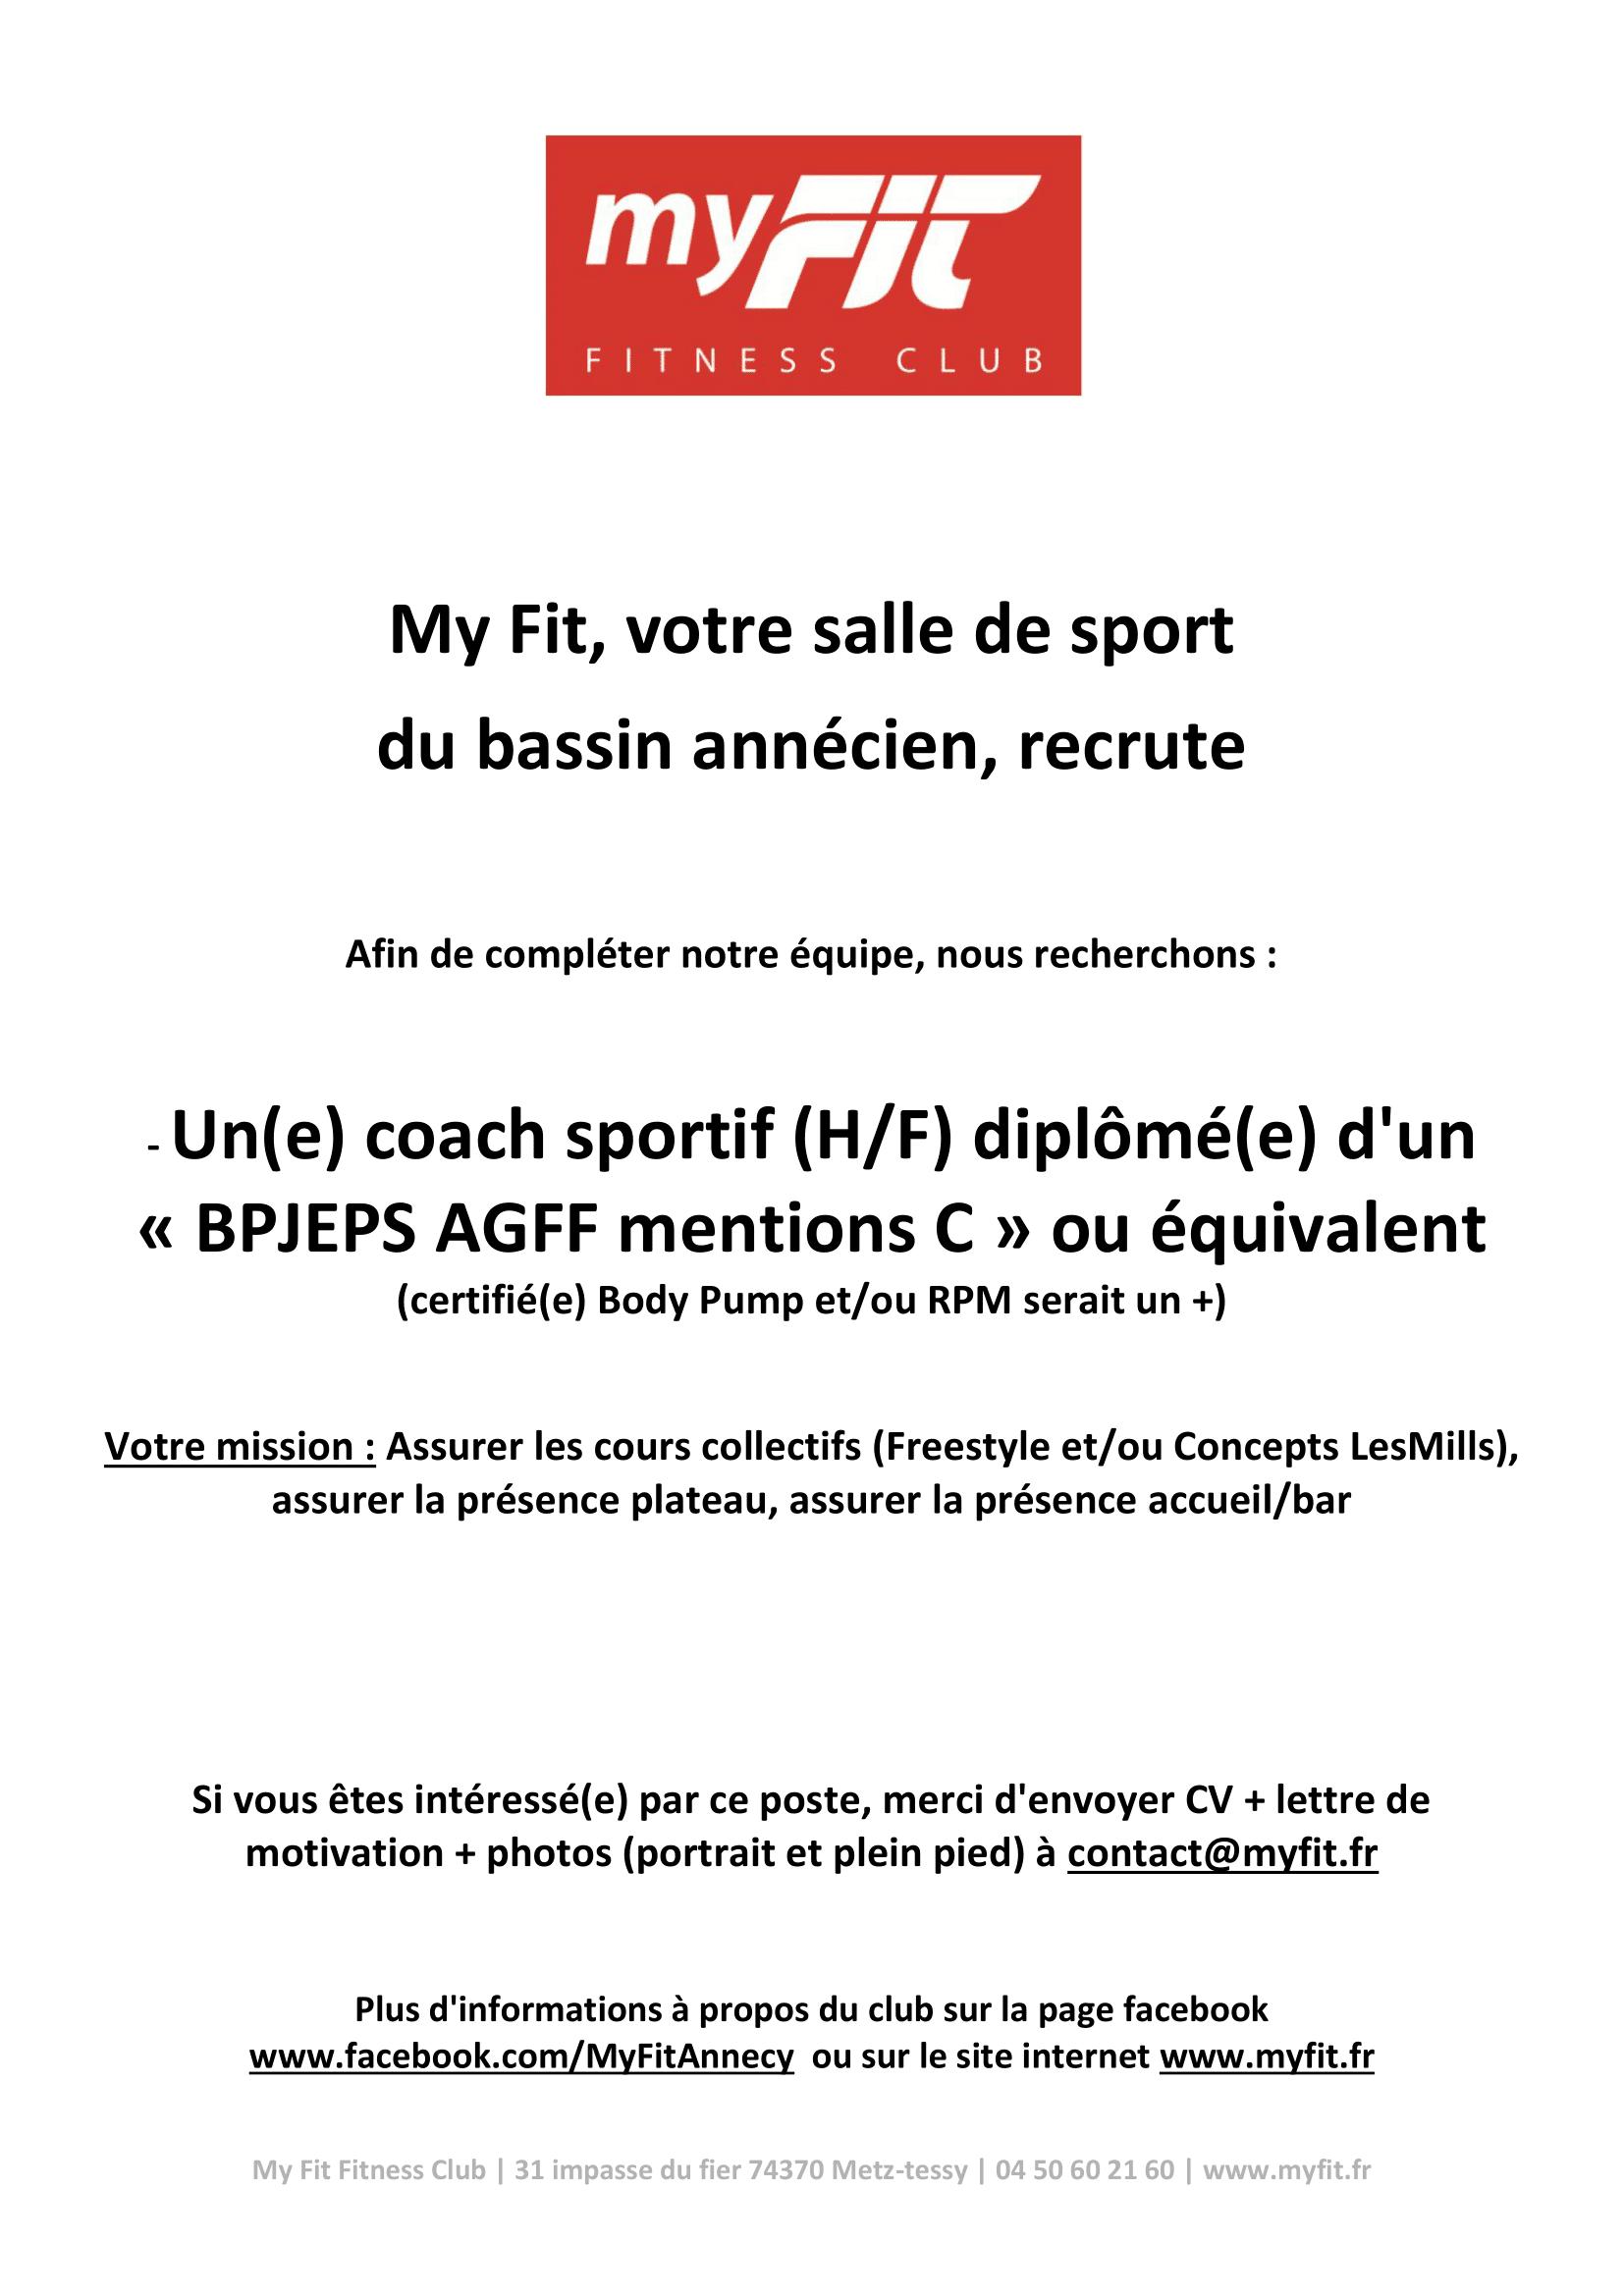 """Recrutement Coach Sportif """"BPJEPS AGFF mention C"""" ou équivalent"""